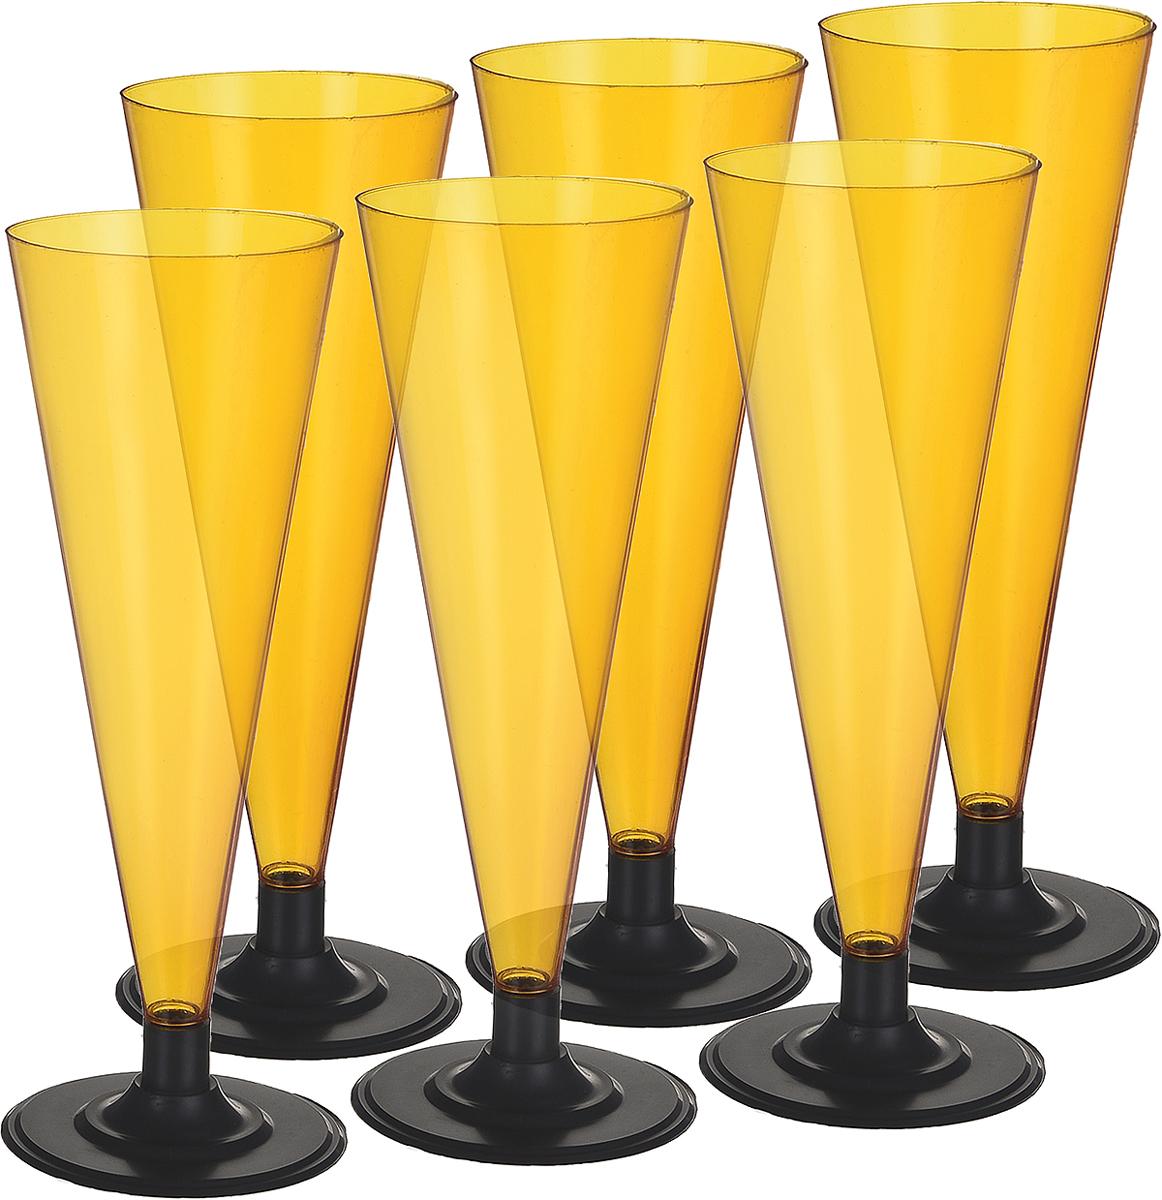 """Фужер """"Мистерия"""" выполнен из полистирола. Рекомендуется для использования на вечеринках,  корпоративных мероприятиях и свадебных прогулках. Имеют малый вес, не разбиваются и удобны  при транспортировке."""